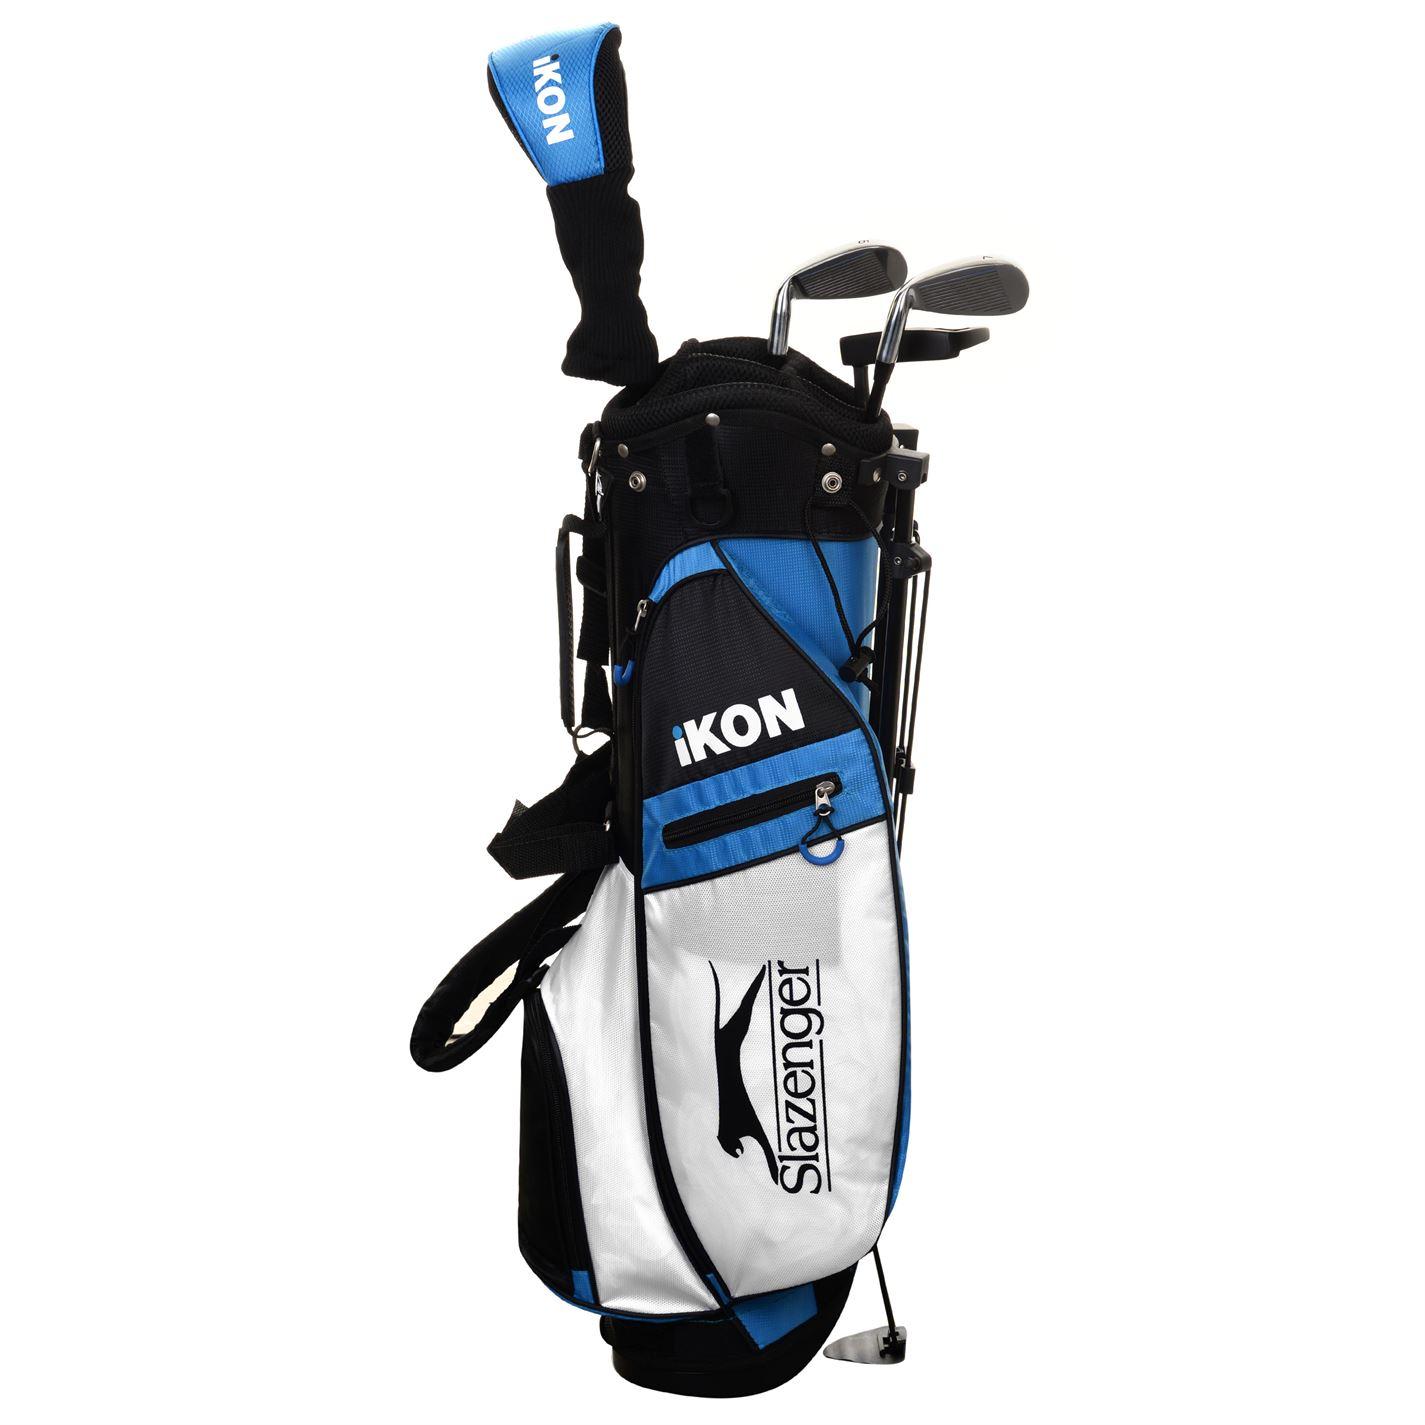 Slazenger-Kids-Ikon-Golf-Set-Junior-Graphite thumbnail 16